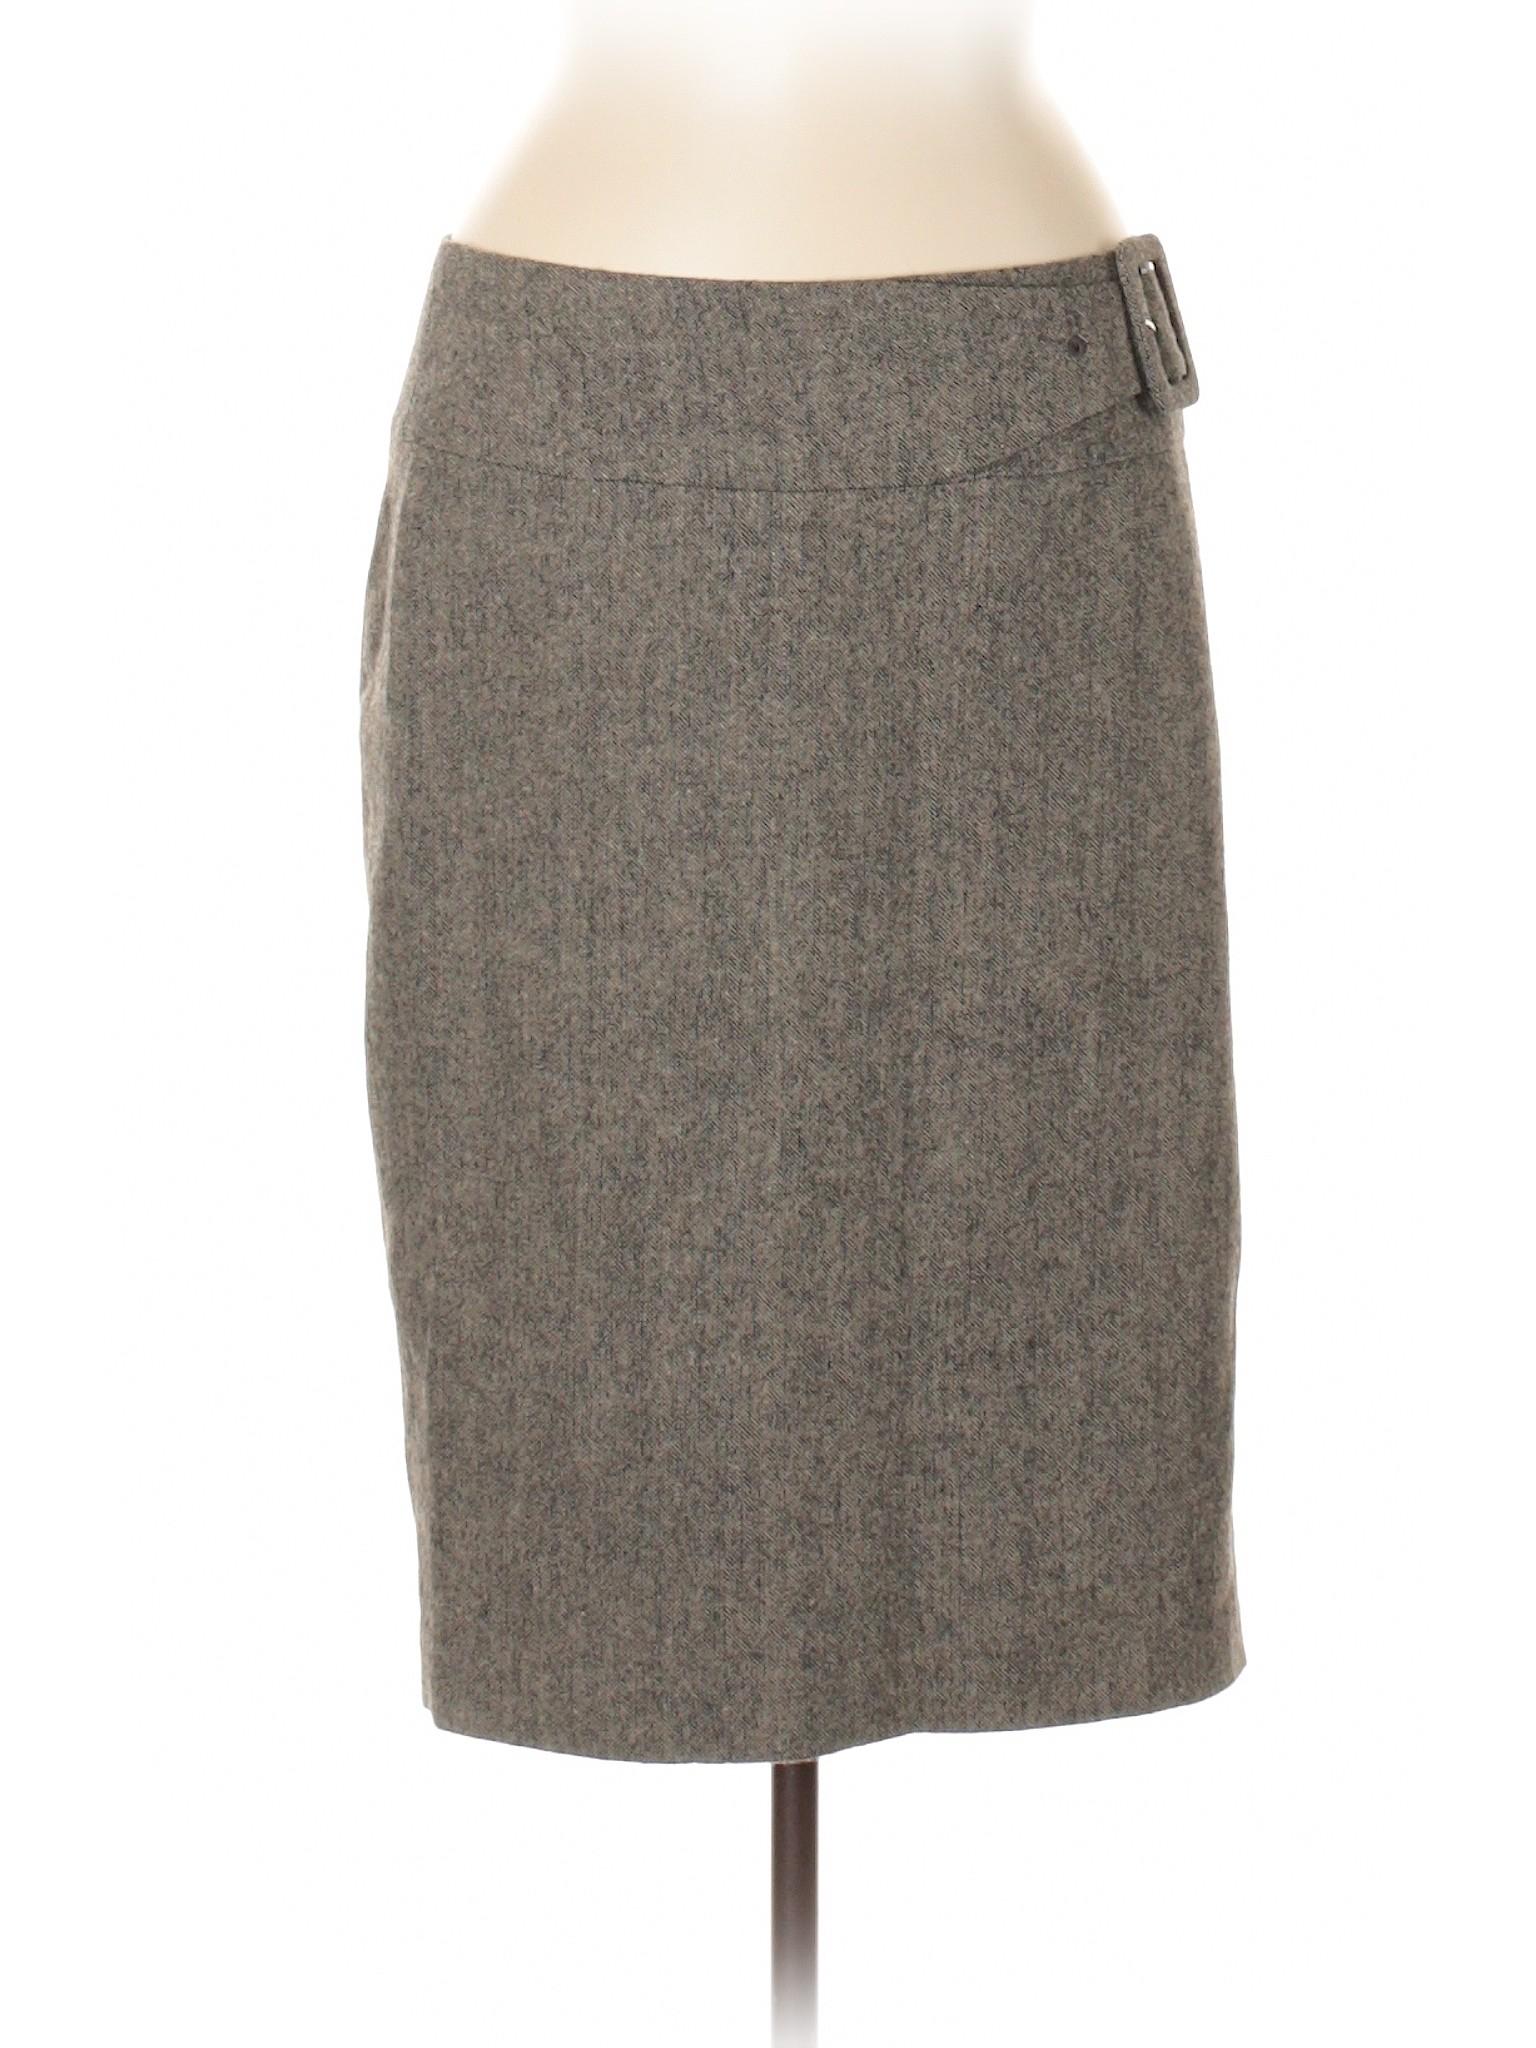 Casual Casual Casual Skirt Boutique Boutique Boutique Skirt Skirt IS1ZZwq